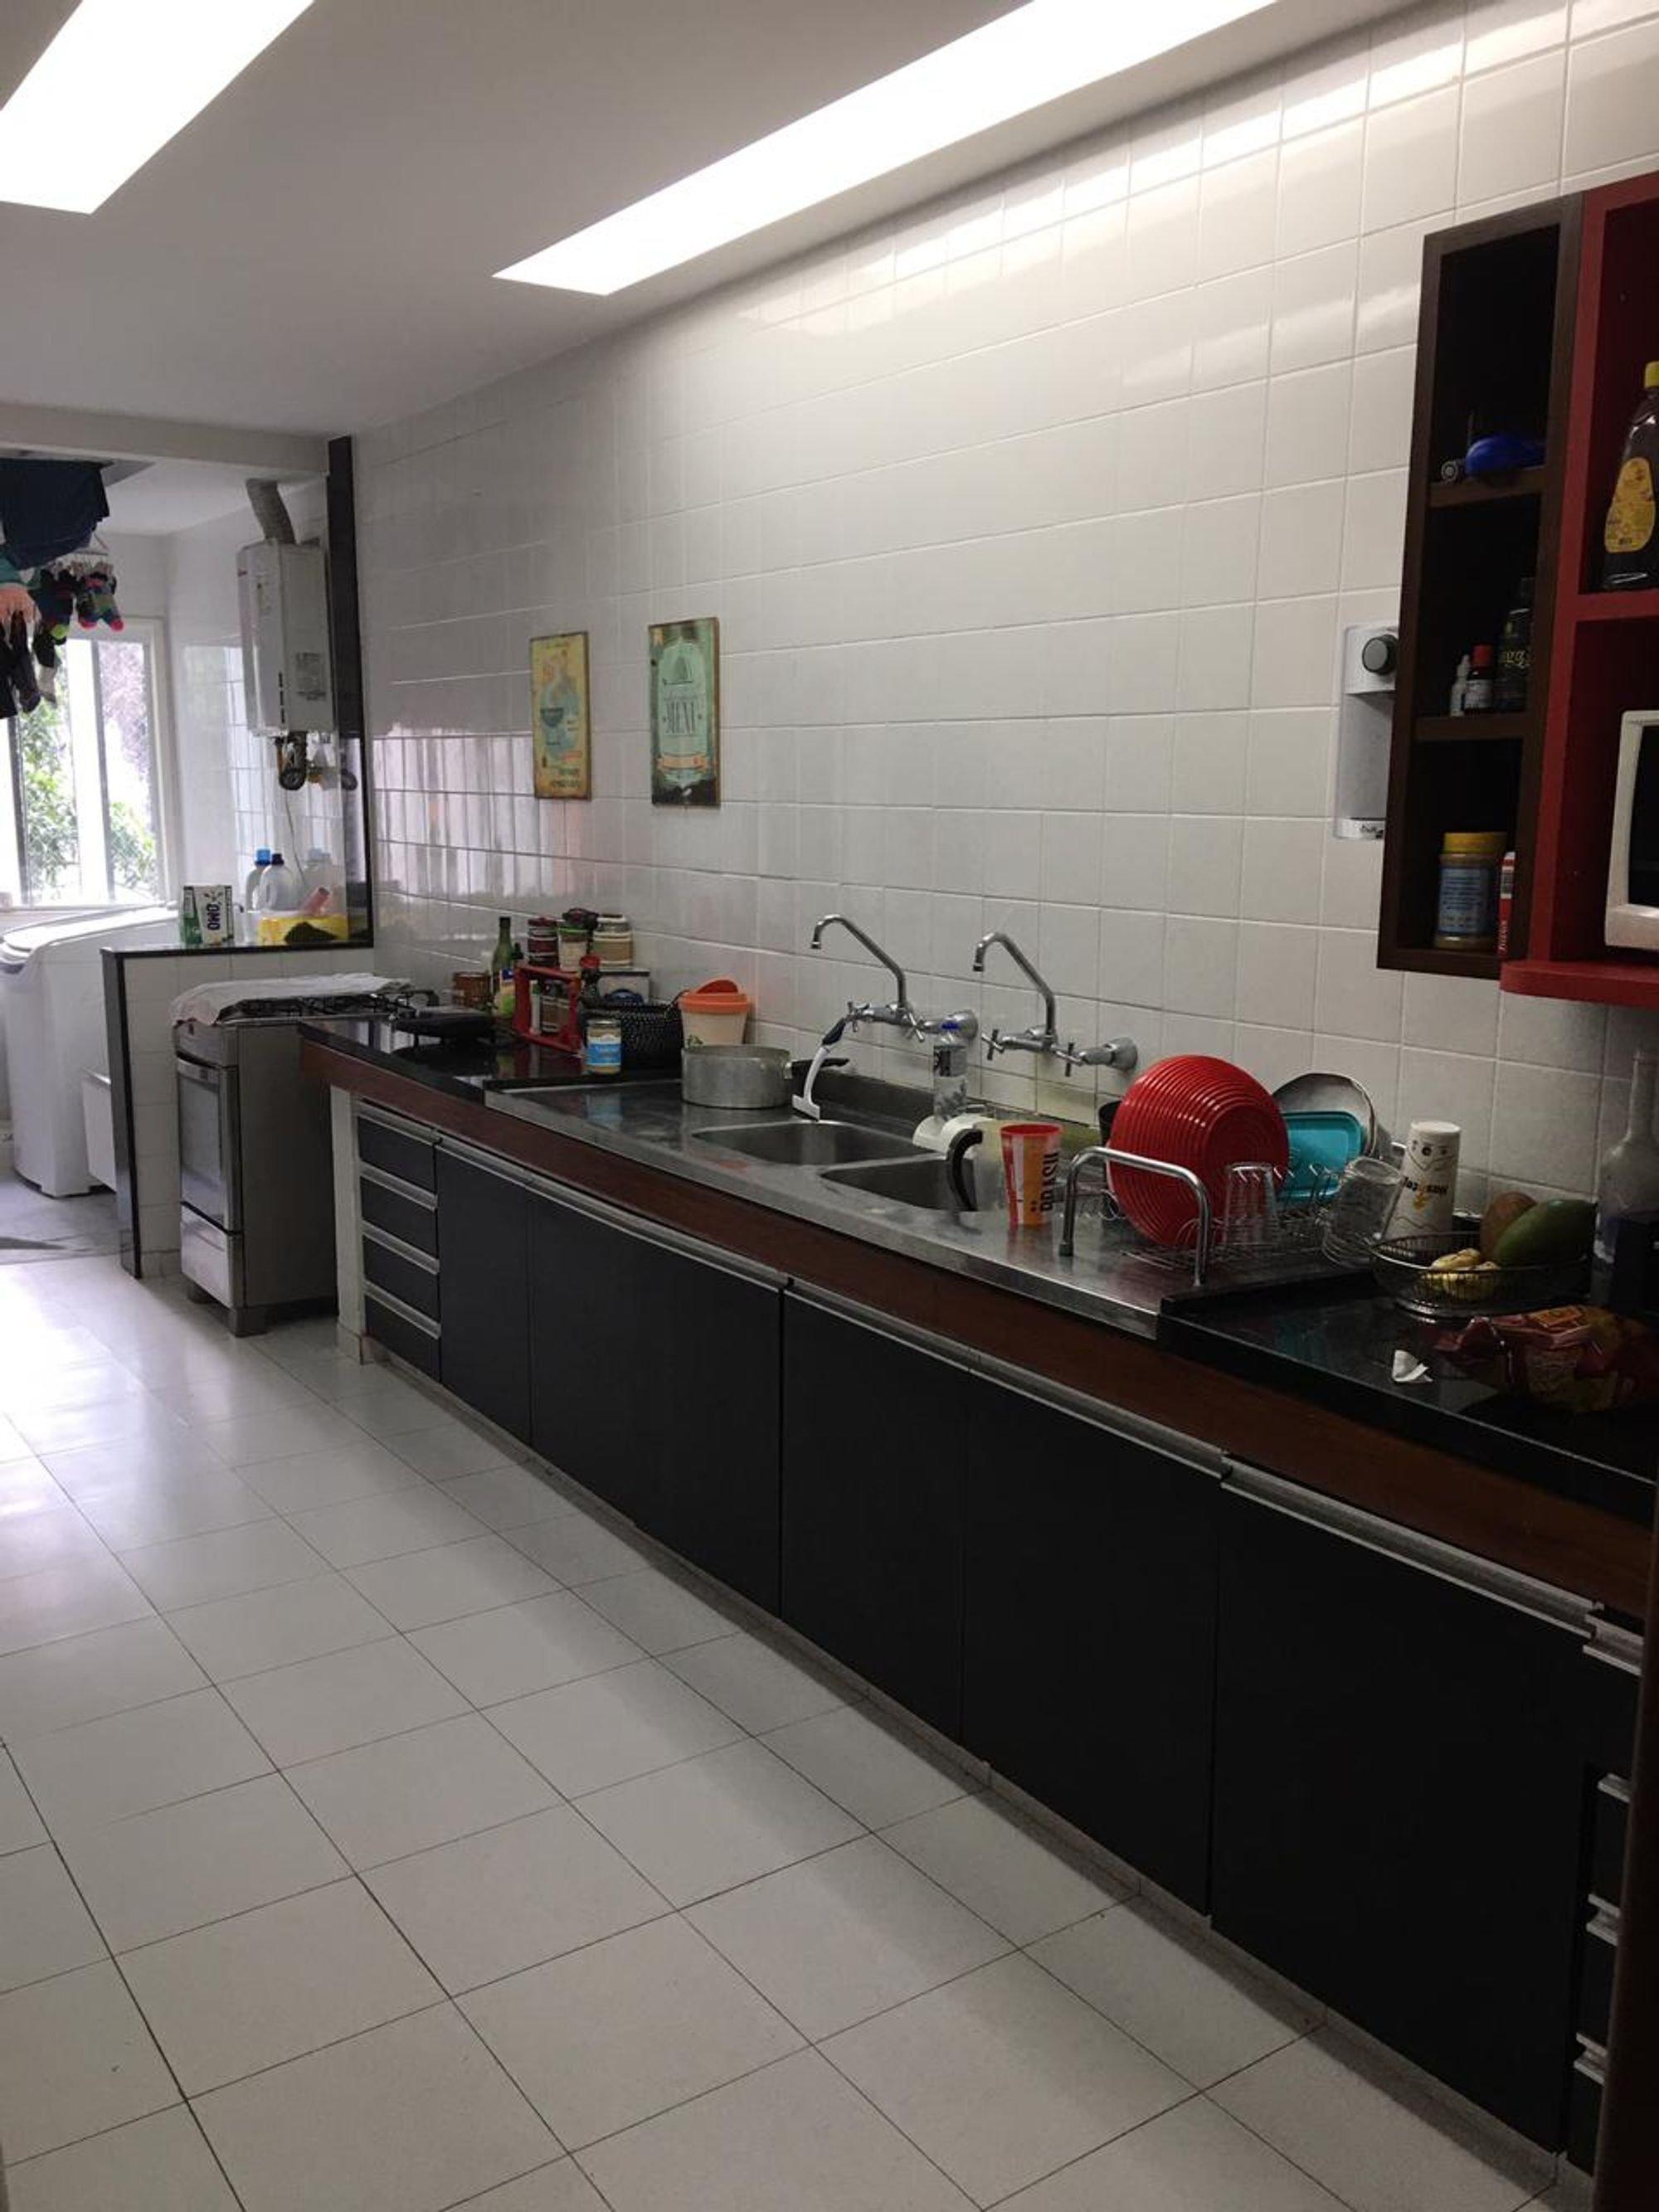 Foto de Cozinha com tigela, garrafa, xícara